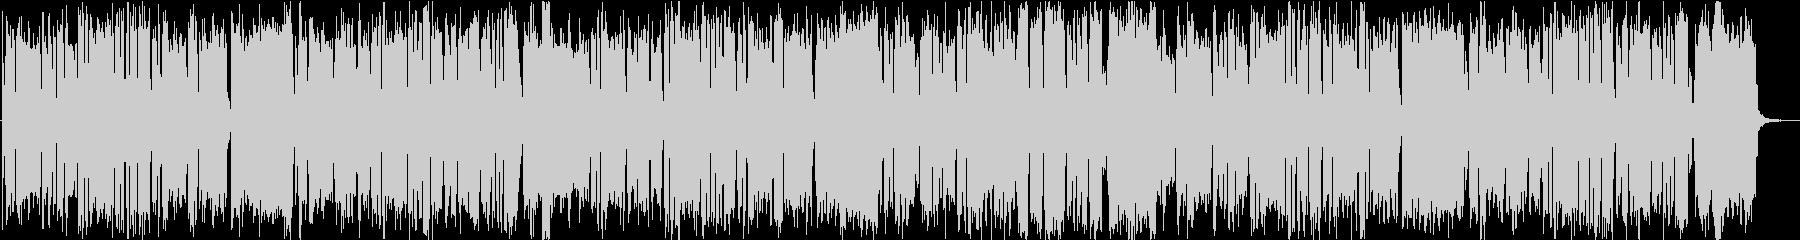 ビッグバンド風BGMの未再生の波形